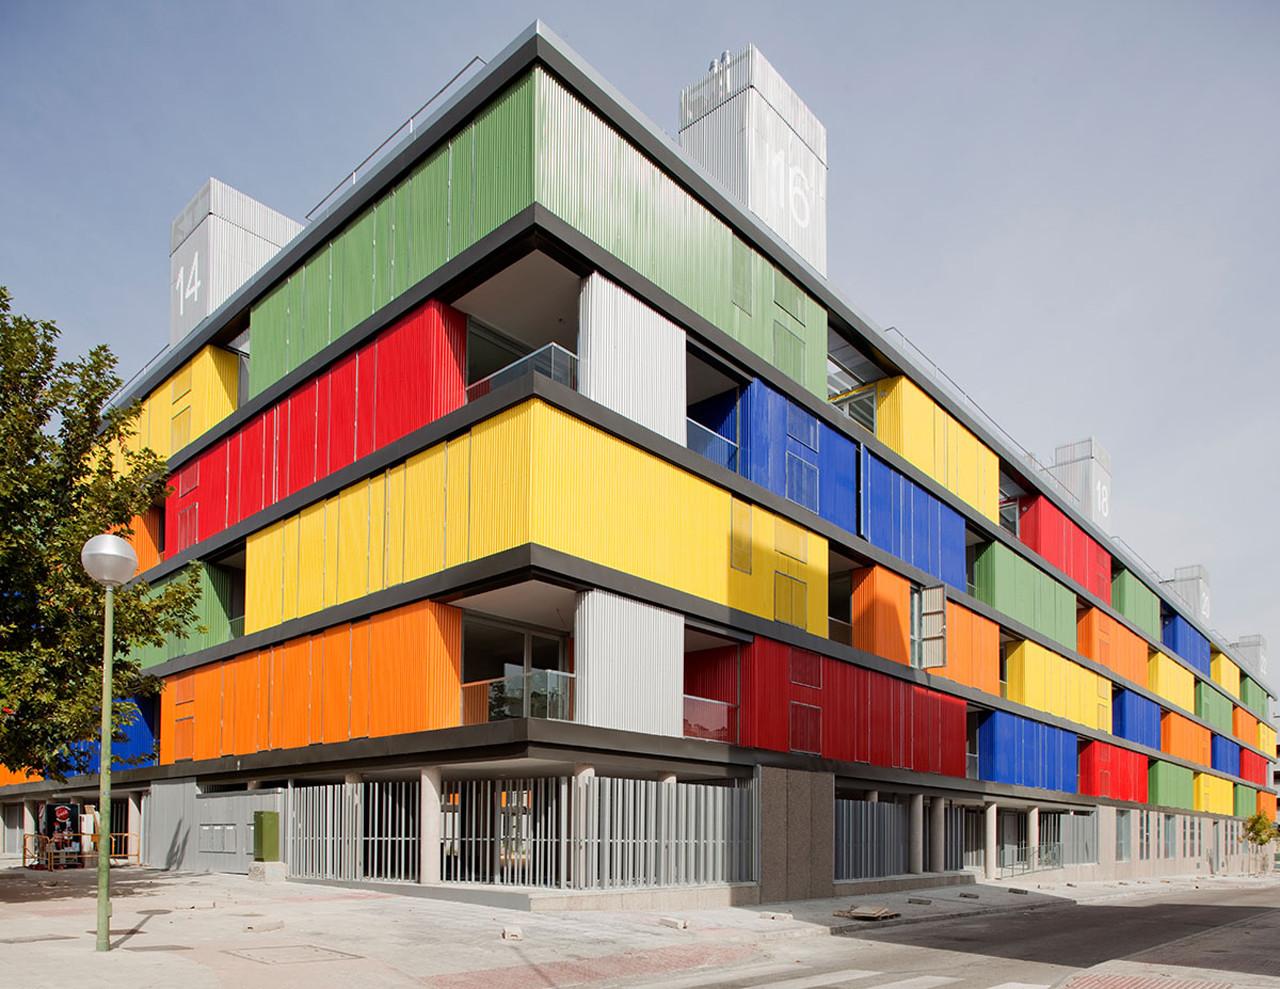 82 viviendas en carabanchel acm arquitectos plataforma for Restaurante escuela de arquitectos madrid